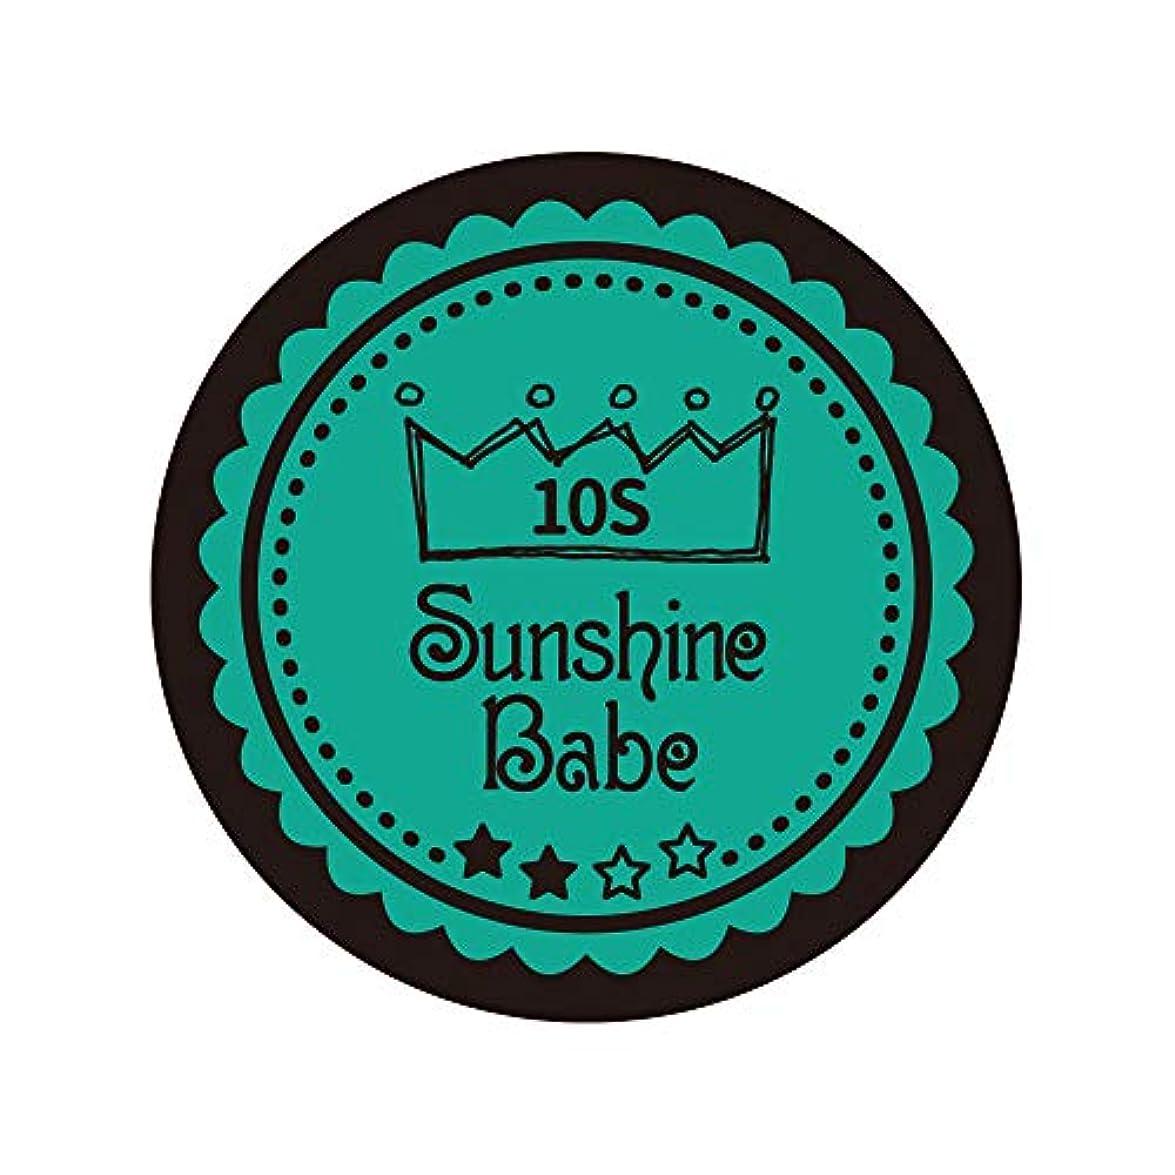 マルクス主義者アシスト気体のSunshine Babe カラージェル 10S アルカディア 2.7g UV/LED対応